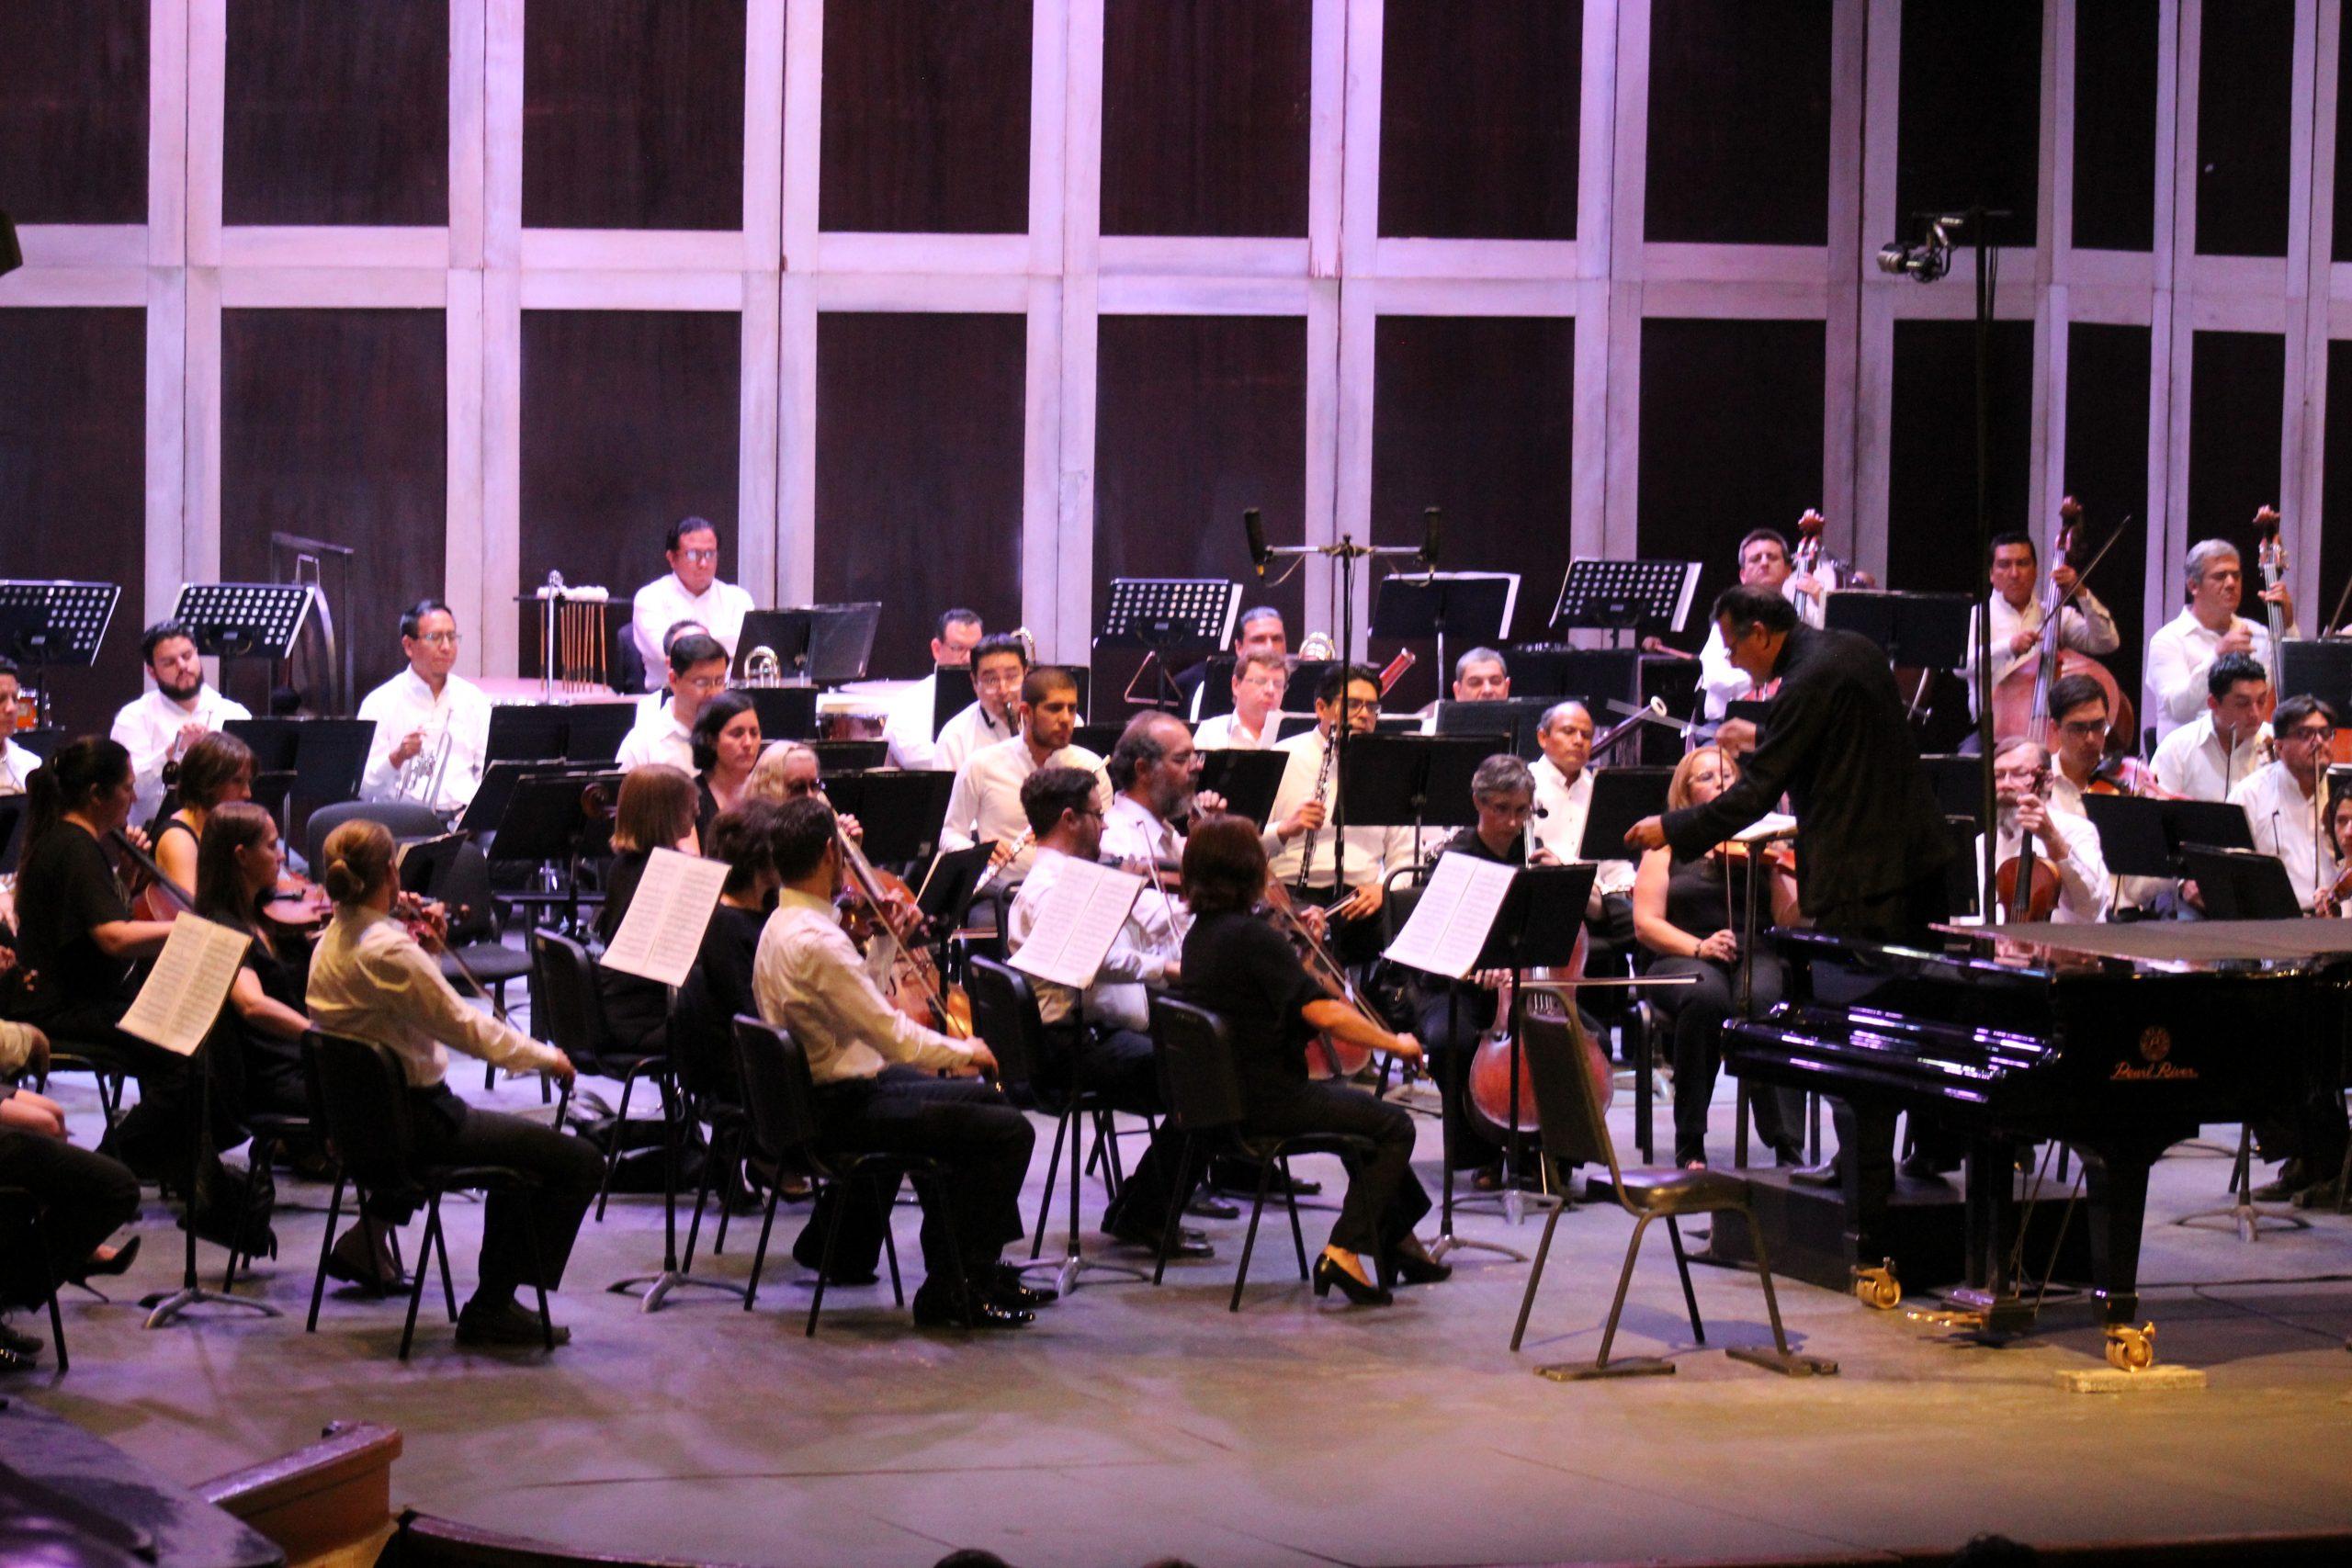 Cuatro jóvenes talentos de la escena cultural con la Orquesta Sinfónica de San Luis Potosí